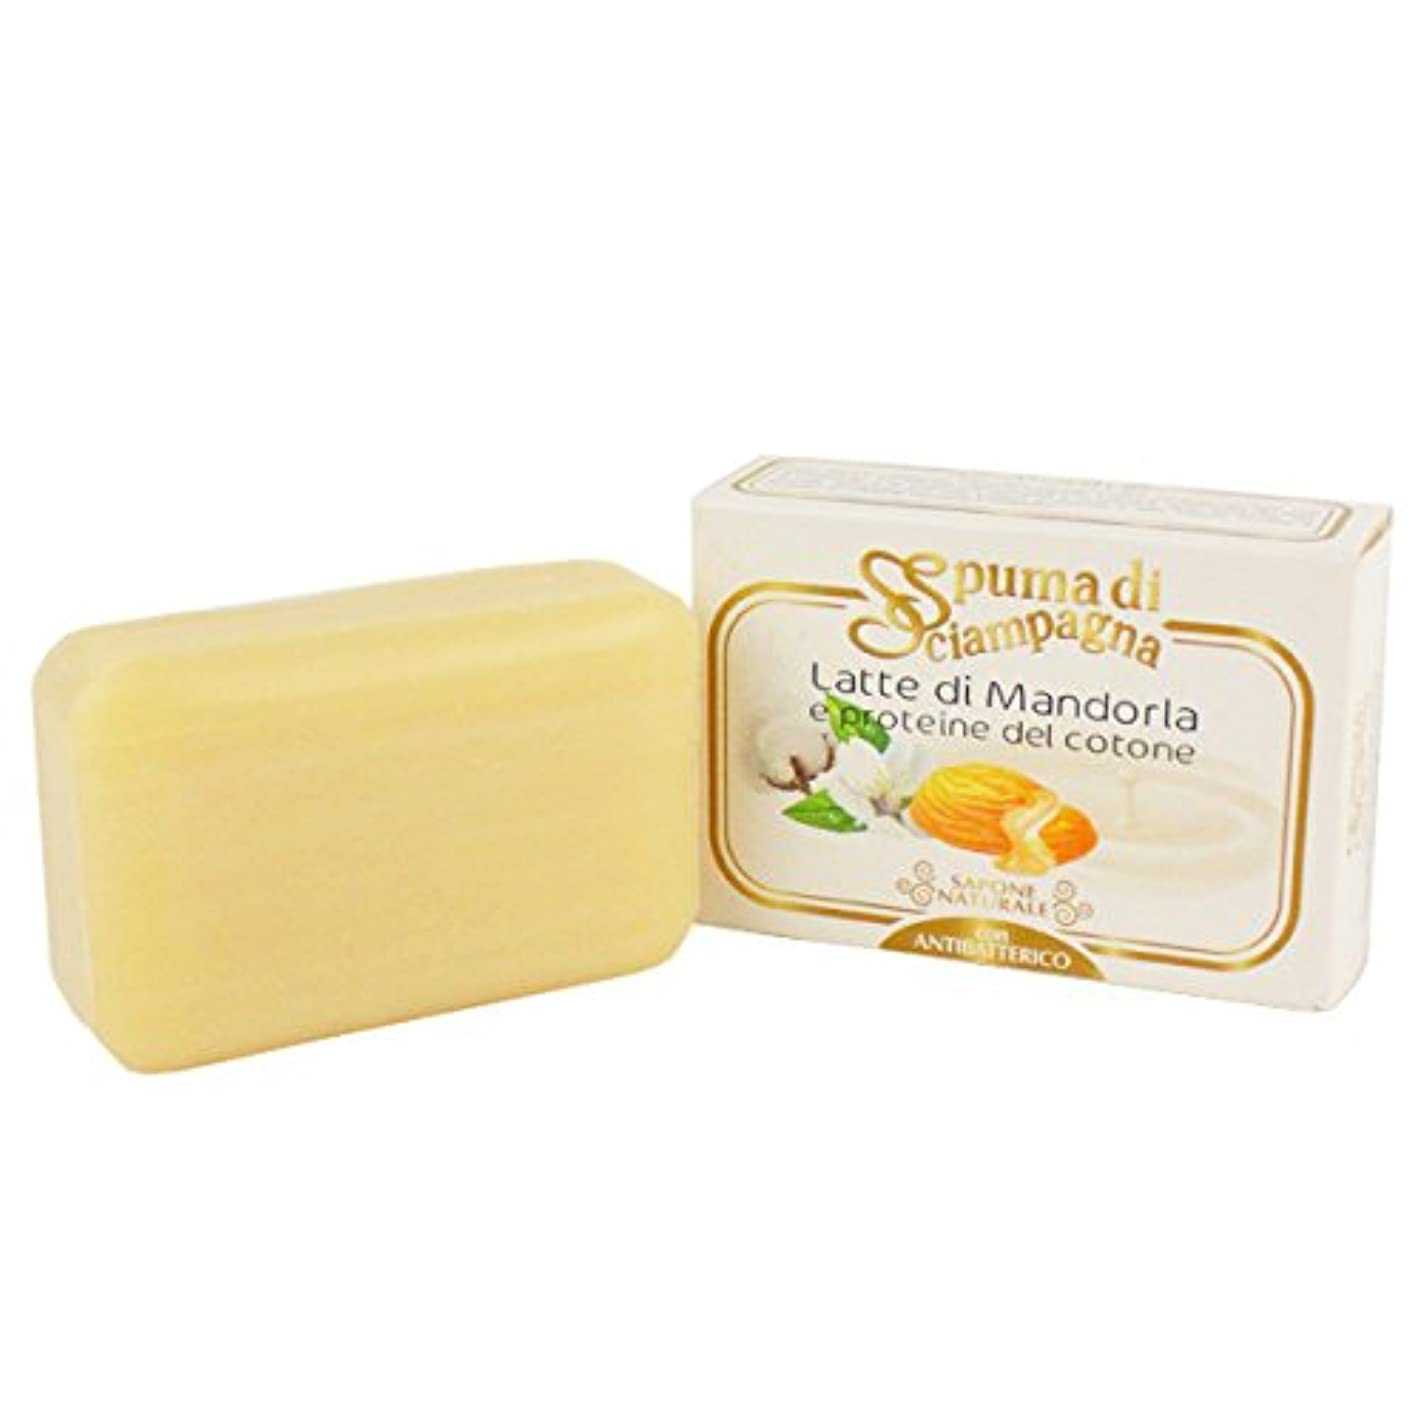 測定可能再発するグリーンランドSpuma di Sciampagna (スプーマ ディ シャンパーニャ) ナチュラルソープ 化粧石けん 145g アーモンドの香り